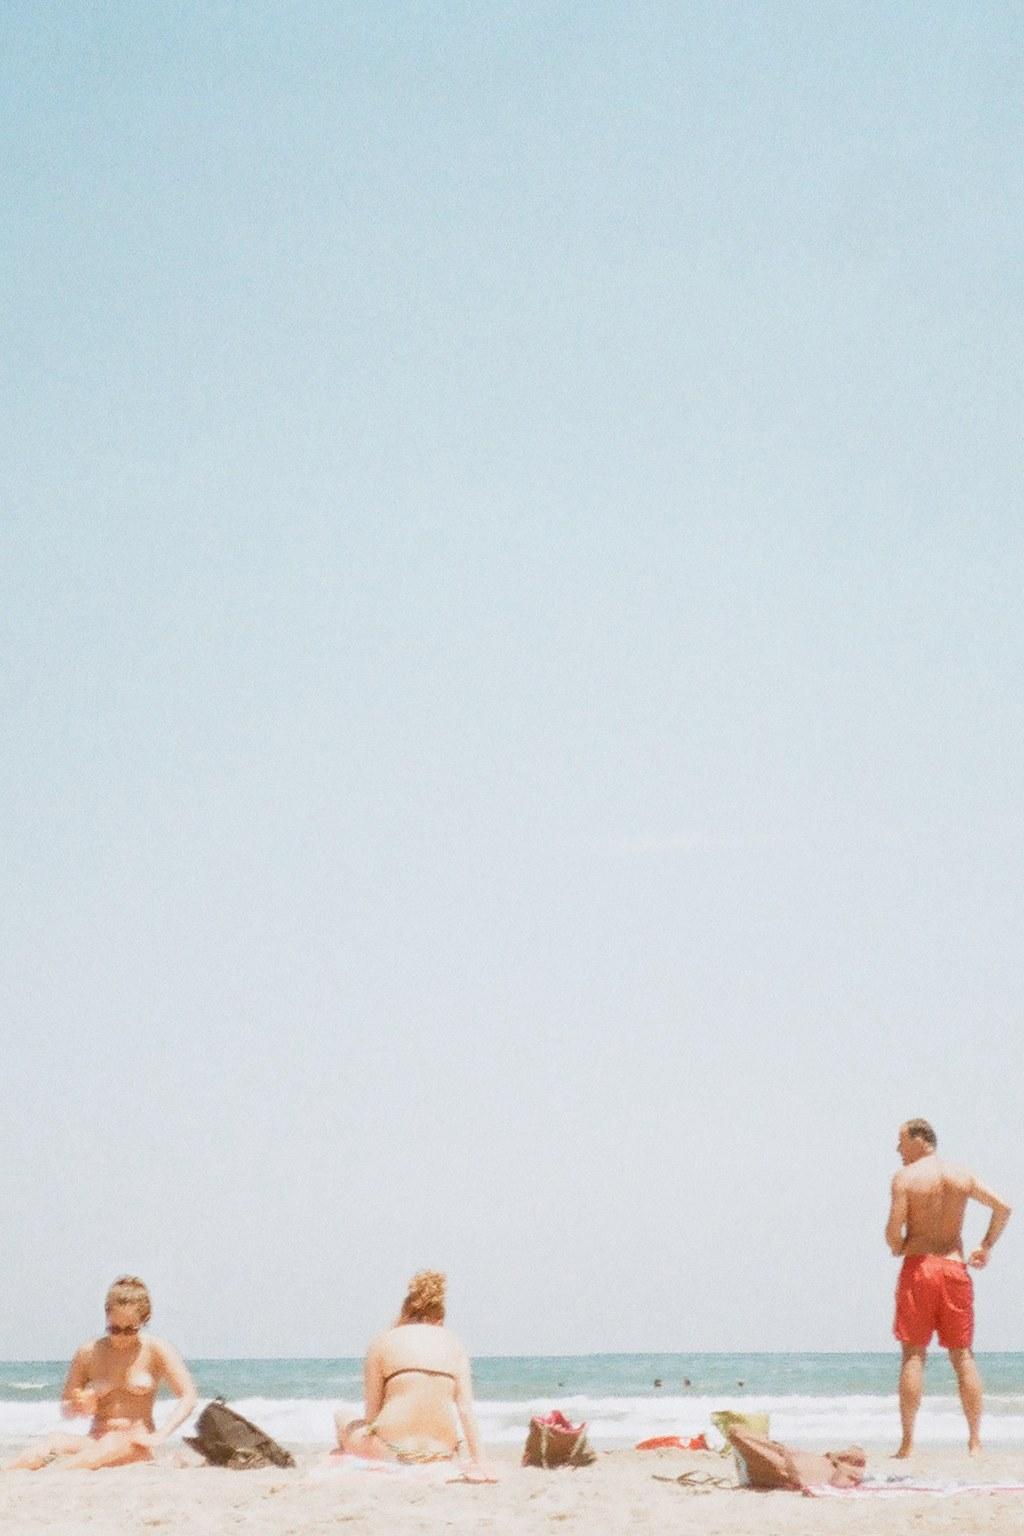 Pieter-verburgt-tumblr-18